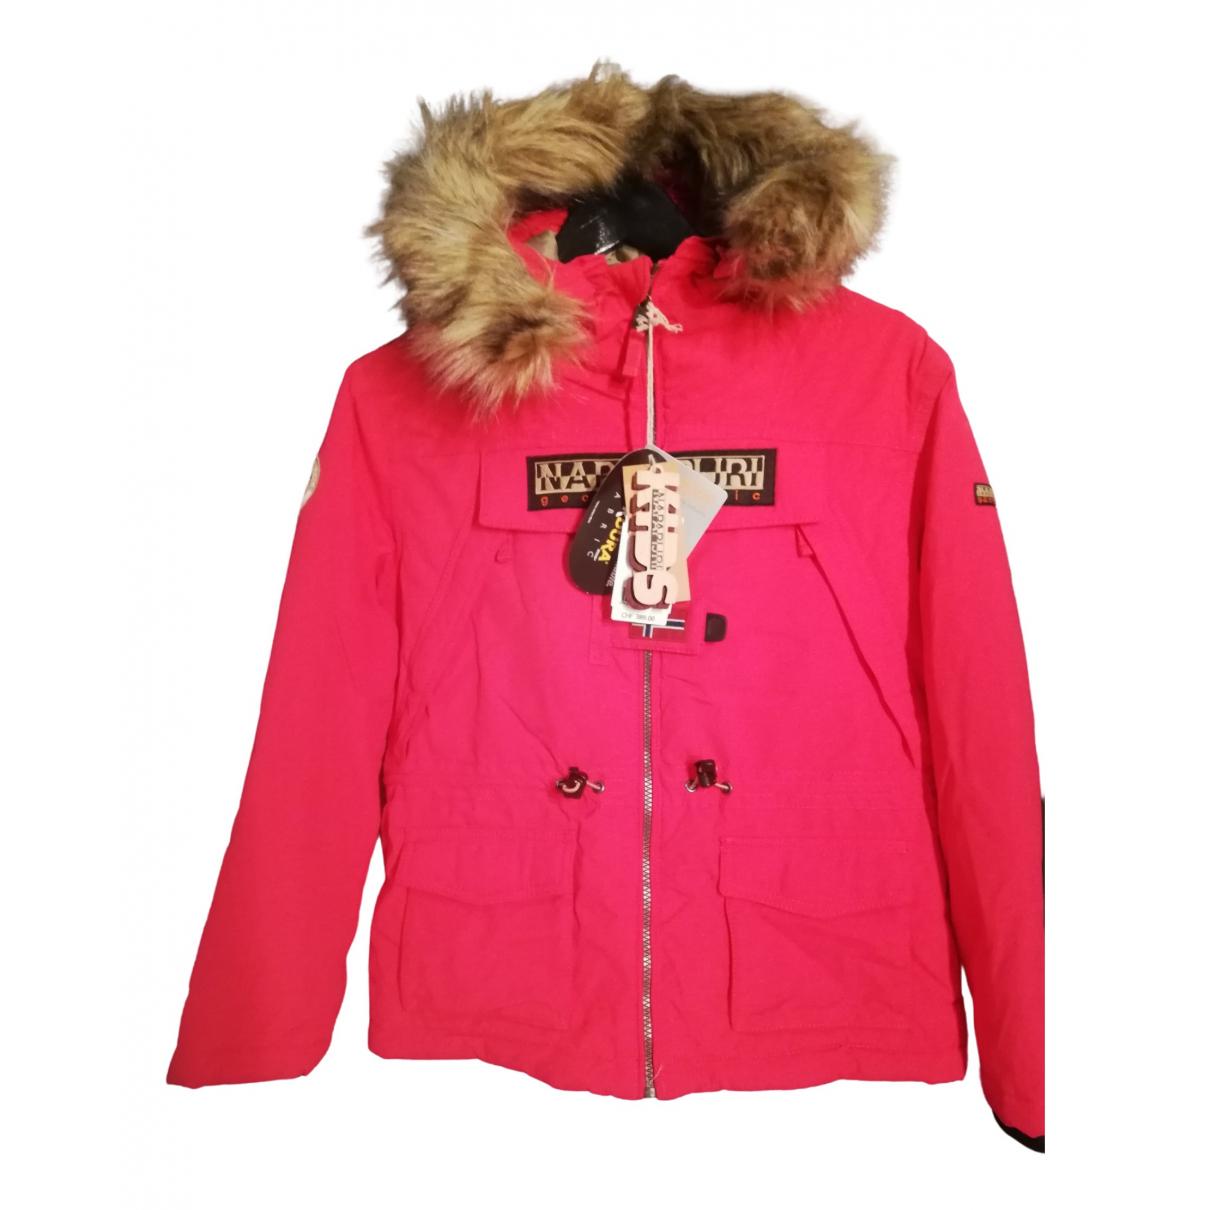 Napapijri - Blousons.Manteaux   pour enfant - rose